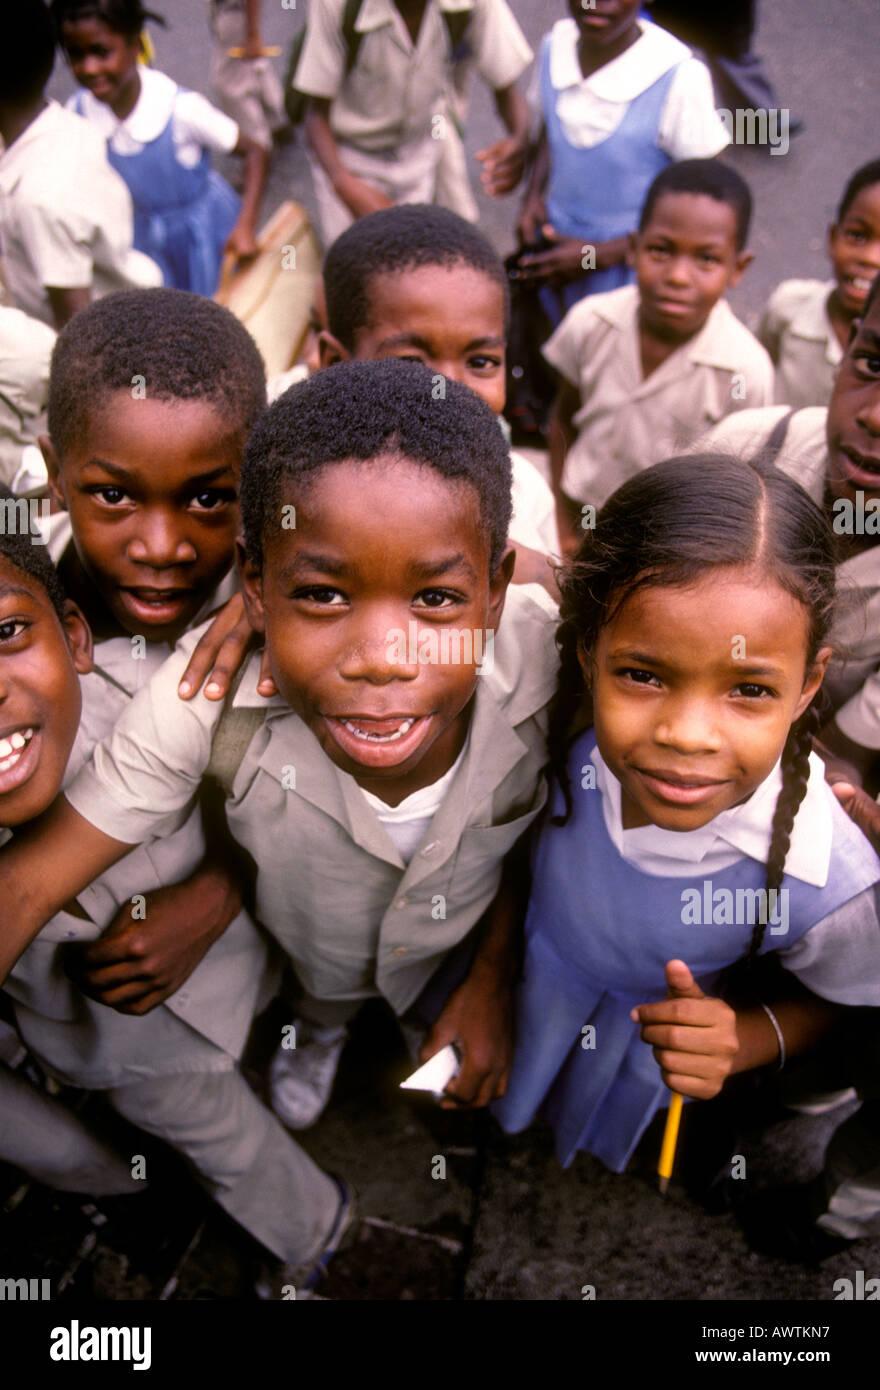 Jamaican boys, Jamaican girls, schoolboys, schoolgirls, schoolchildren, students, elementary school, Spanish Town, Jamaica, Caribbean, West Indies - Stock Image